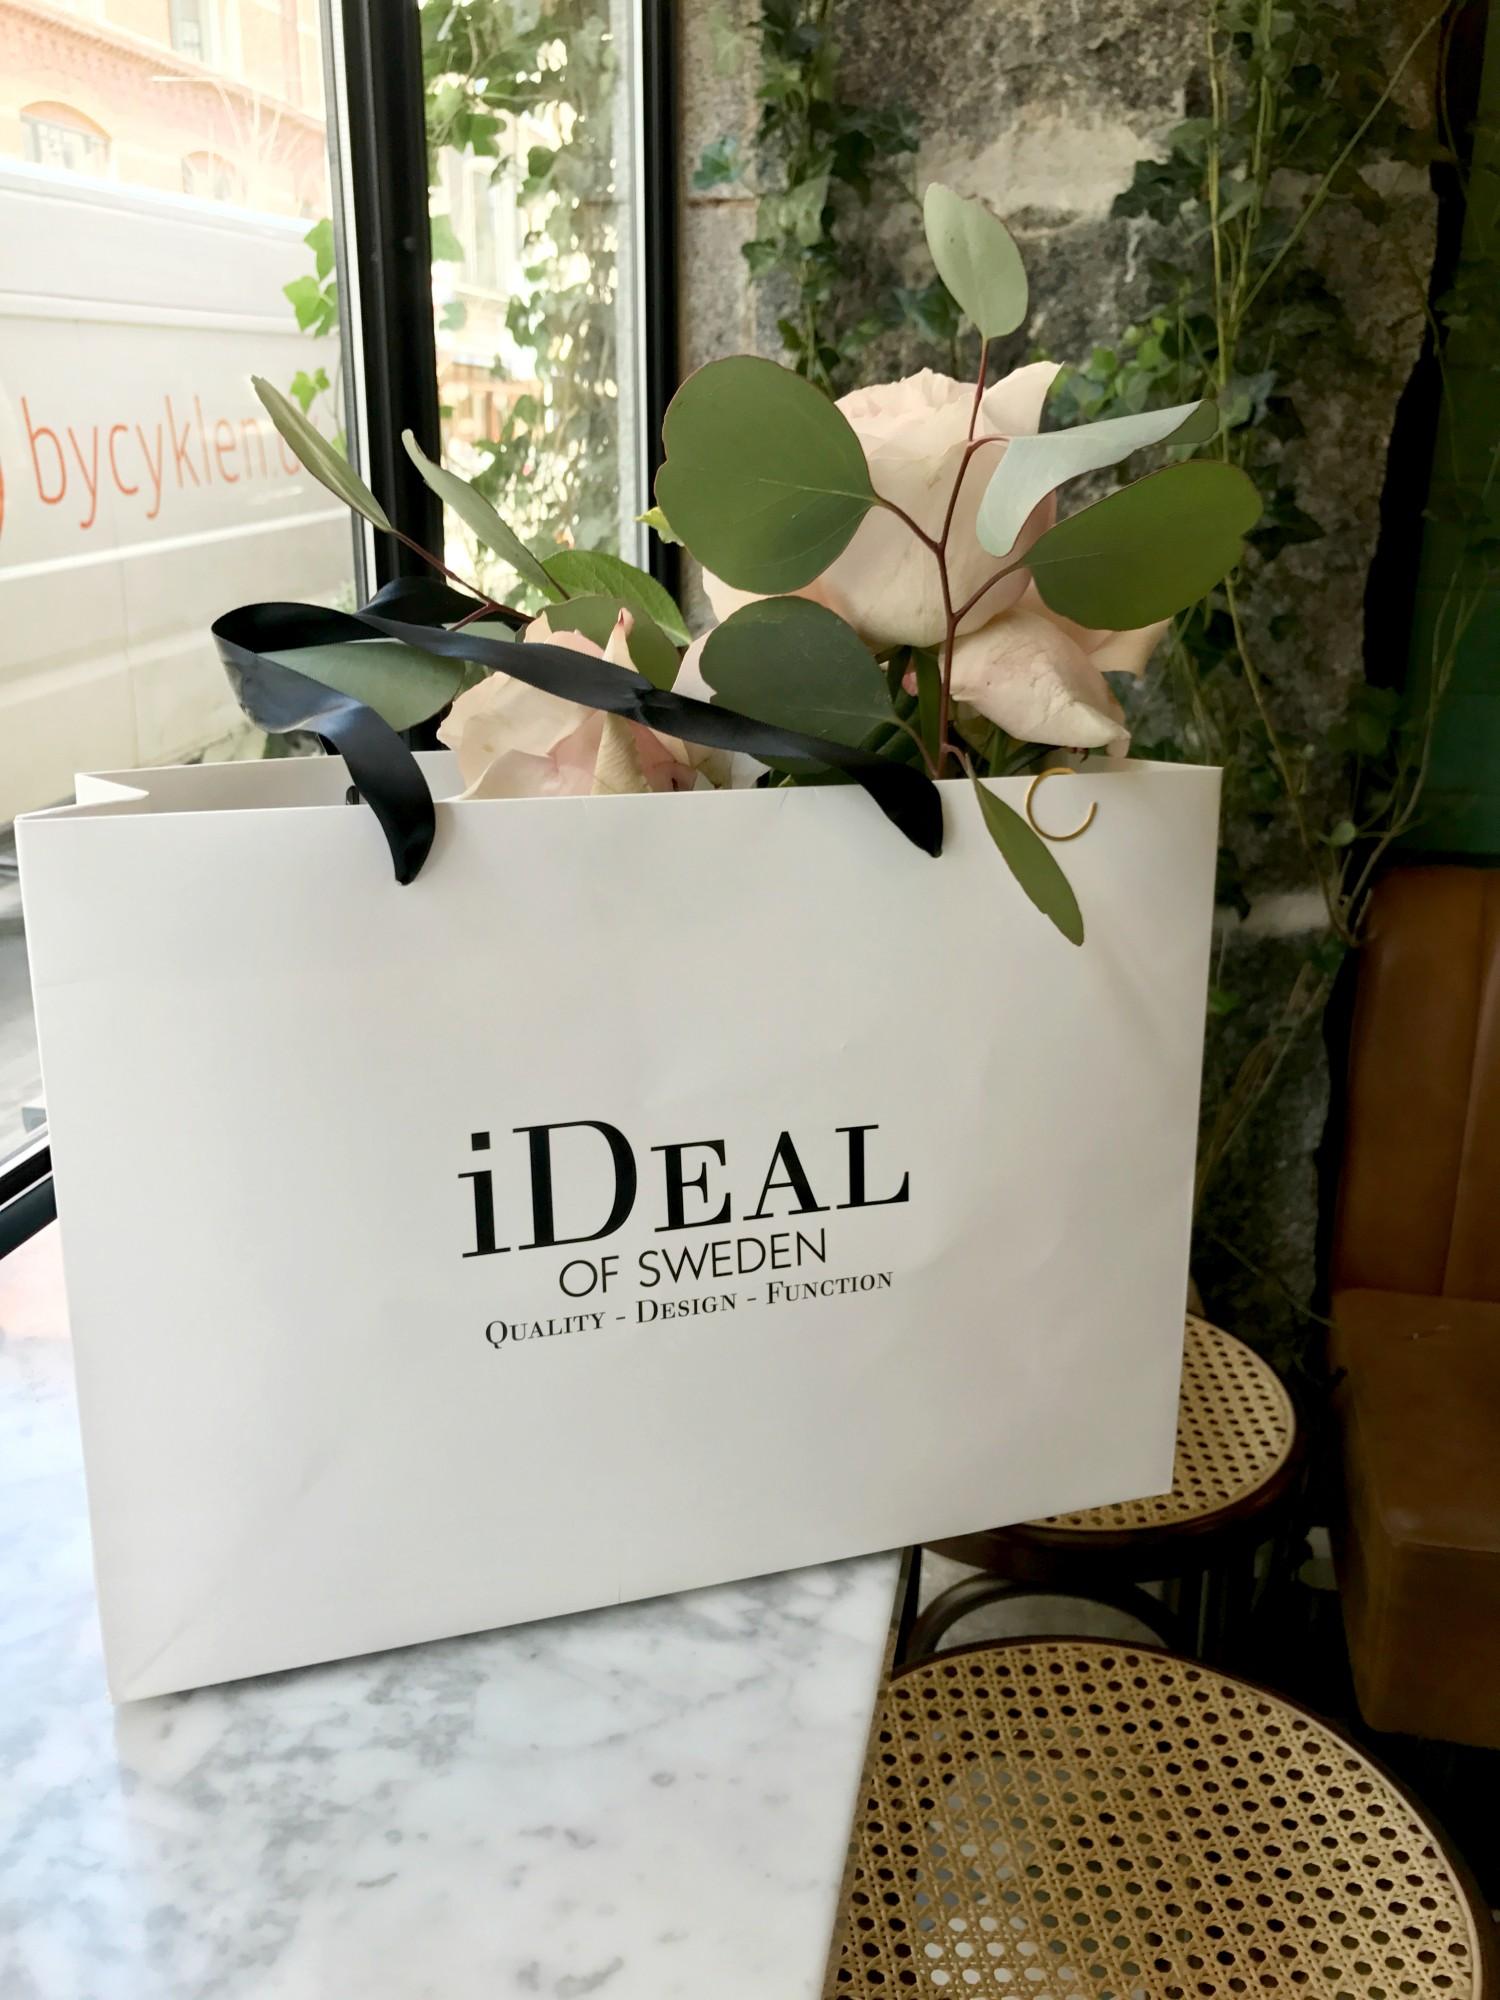 ideal-mof-sweden-goodiebag